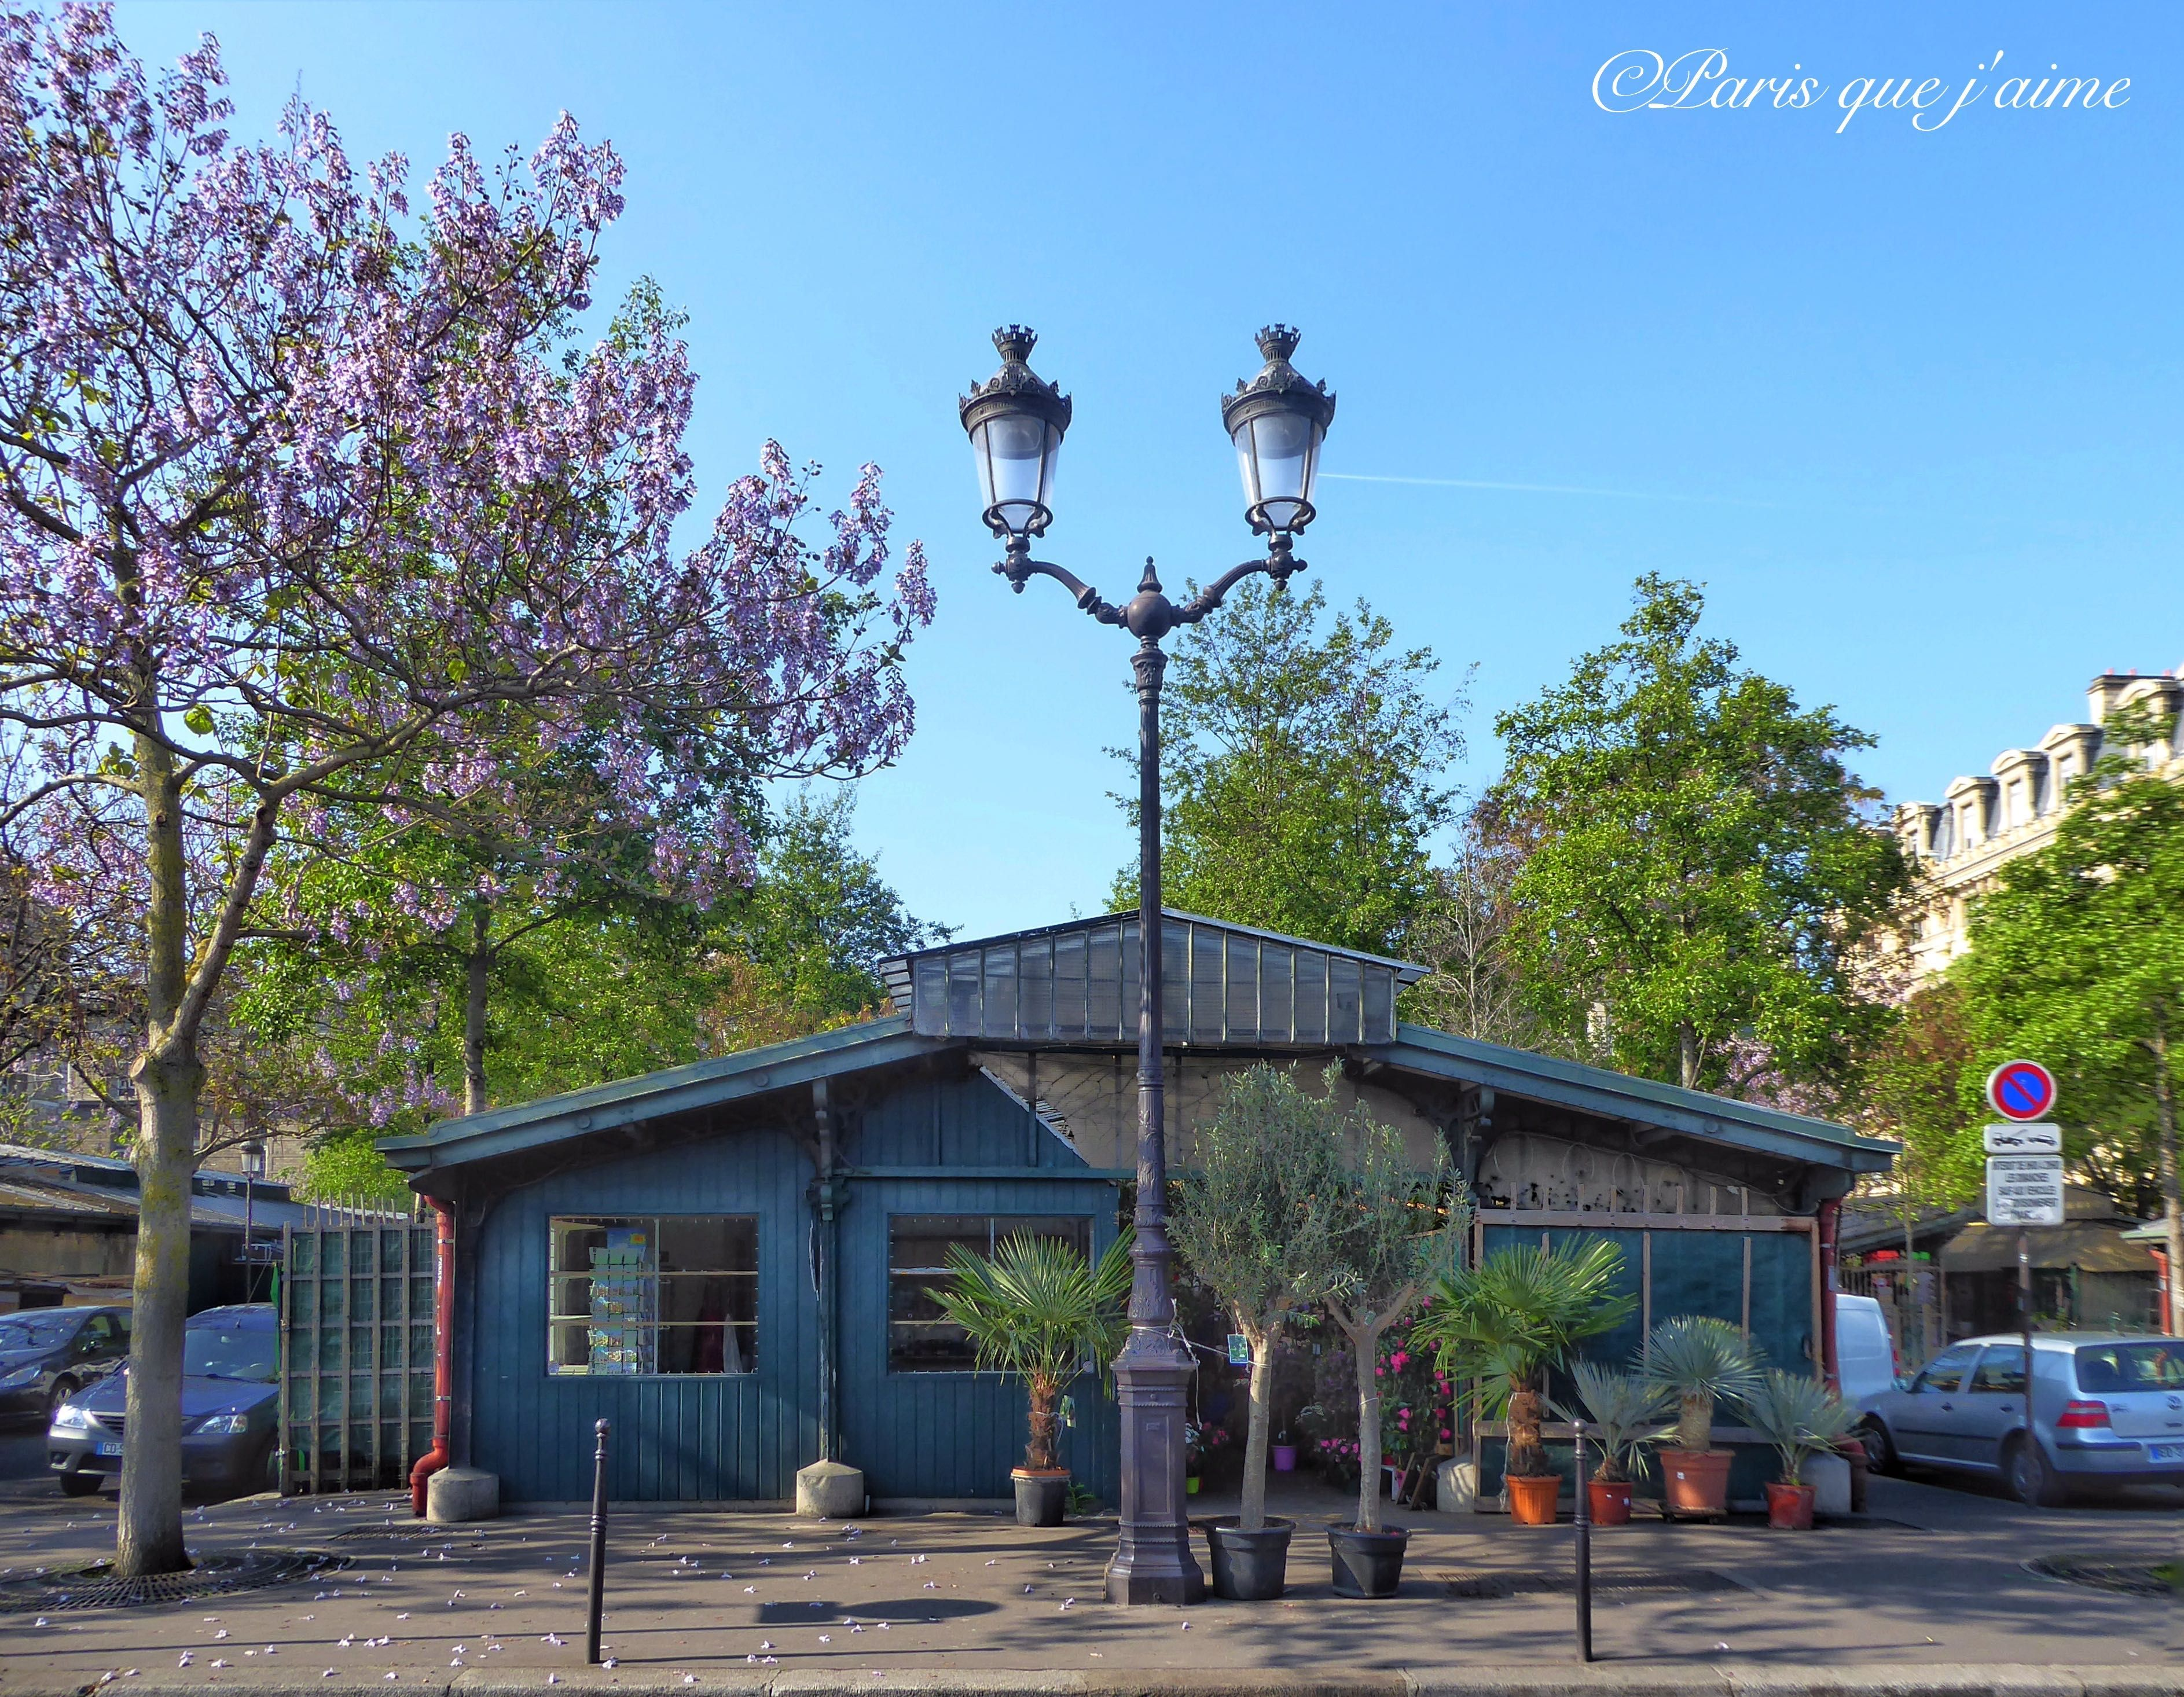 Le Marche Aux Fleurs Paris Photographie De Paris Paris Plaque